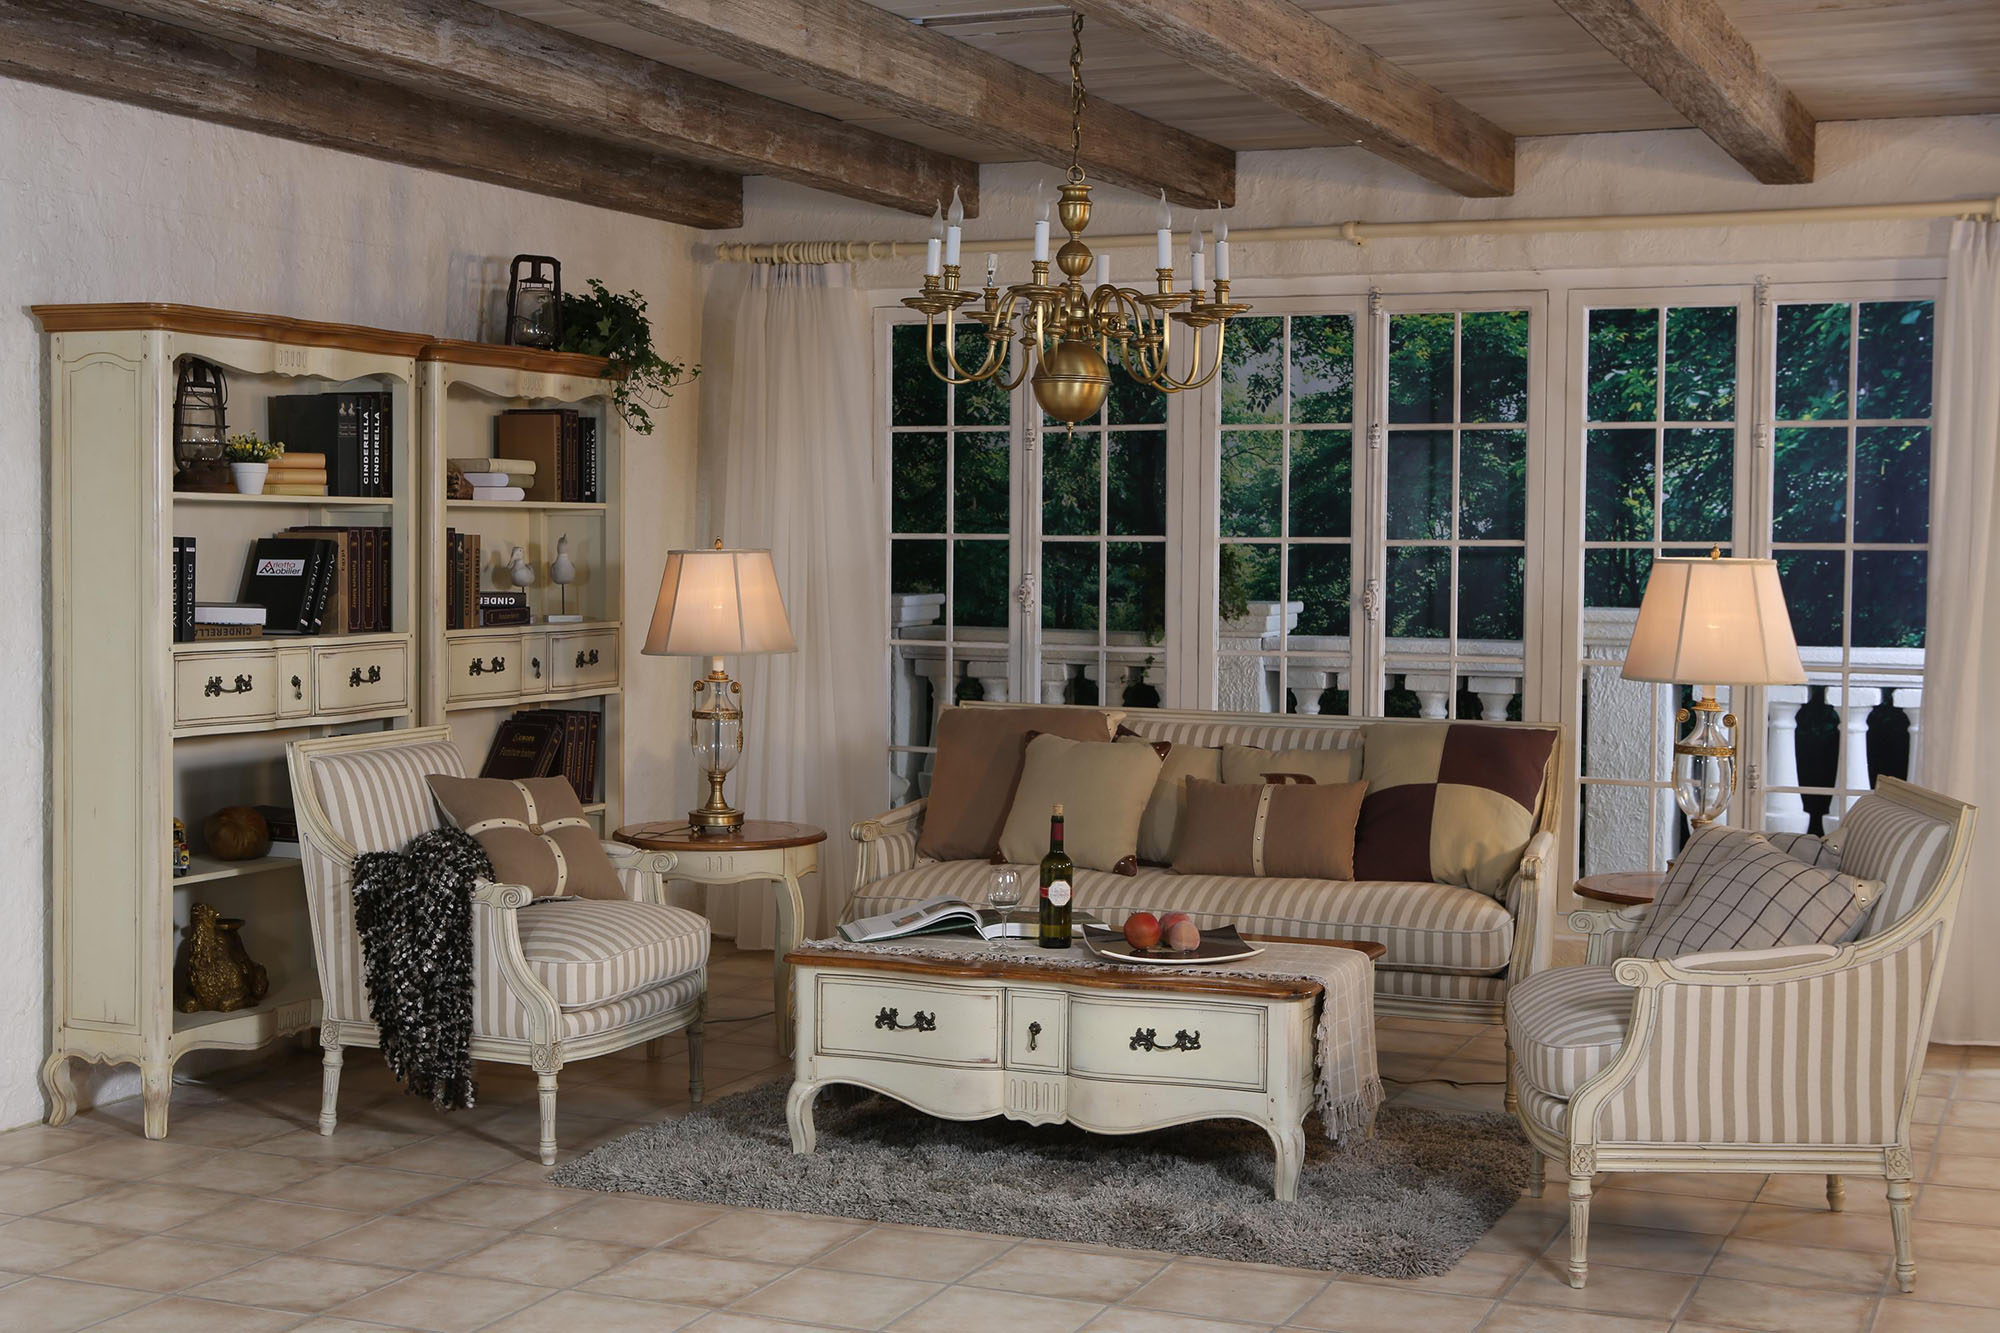 Красивая гостиная с балками в стиле прованс